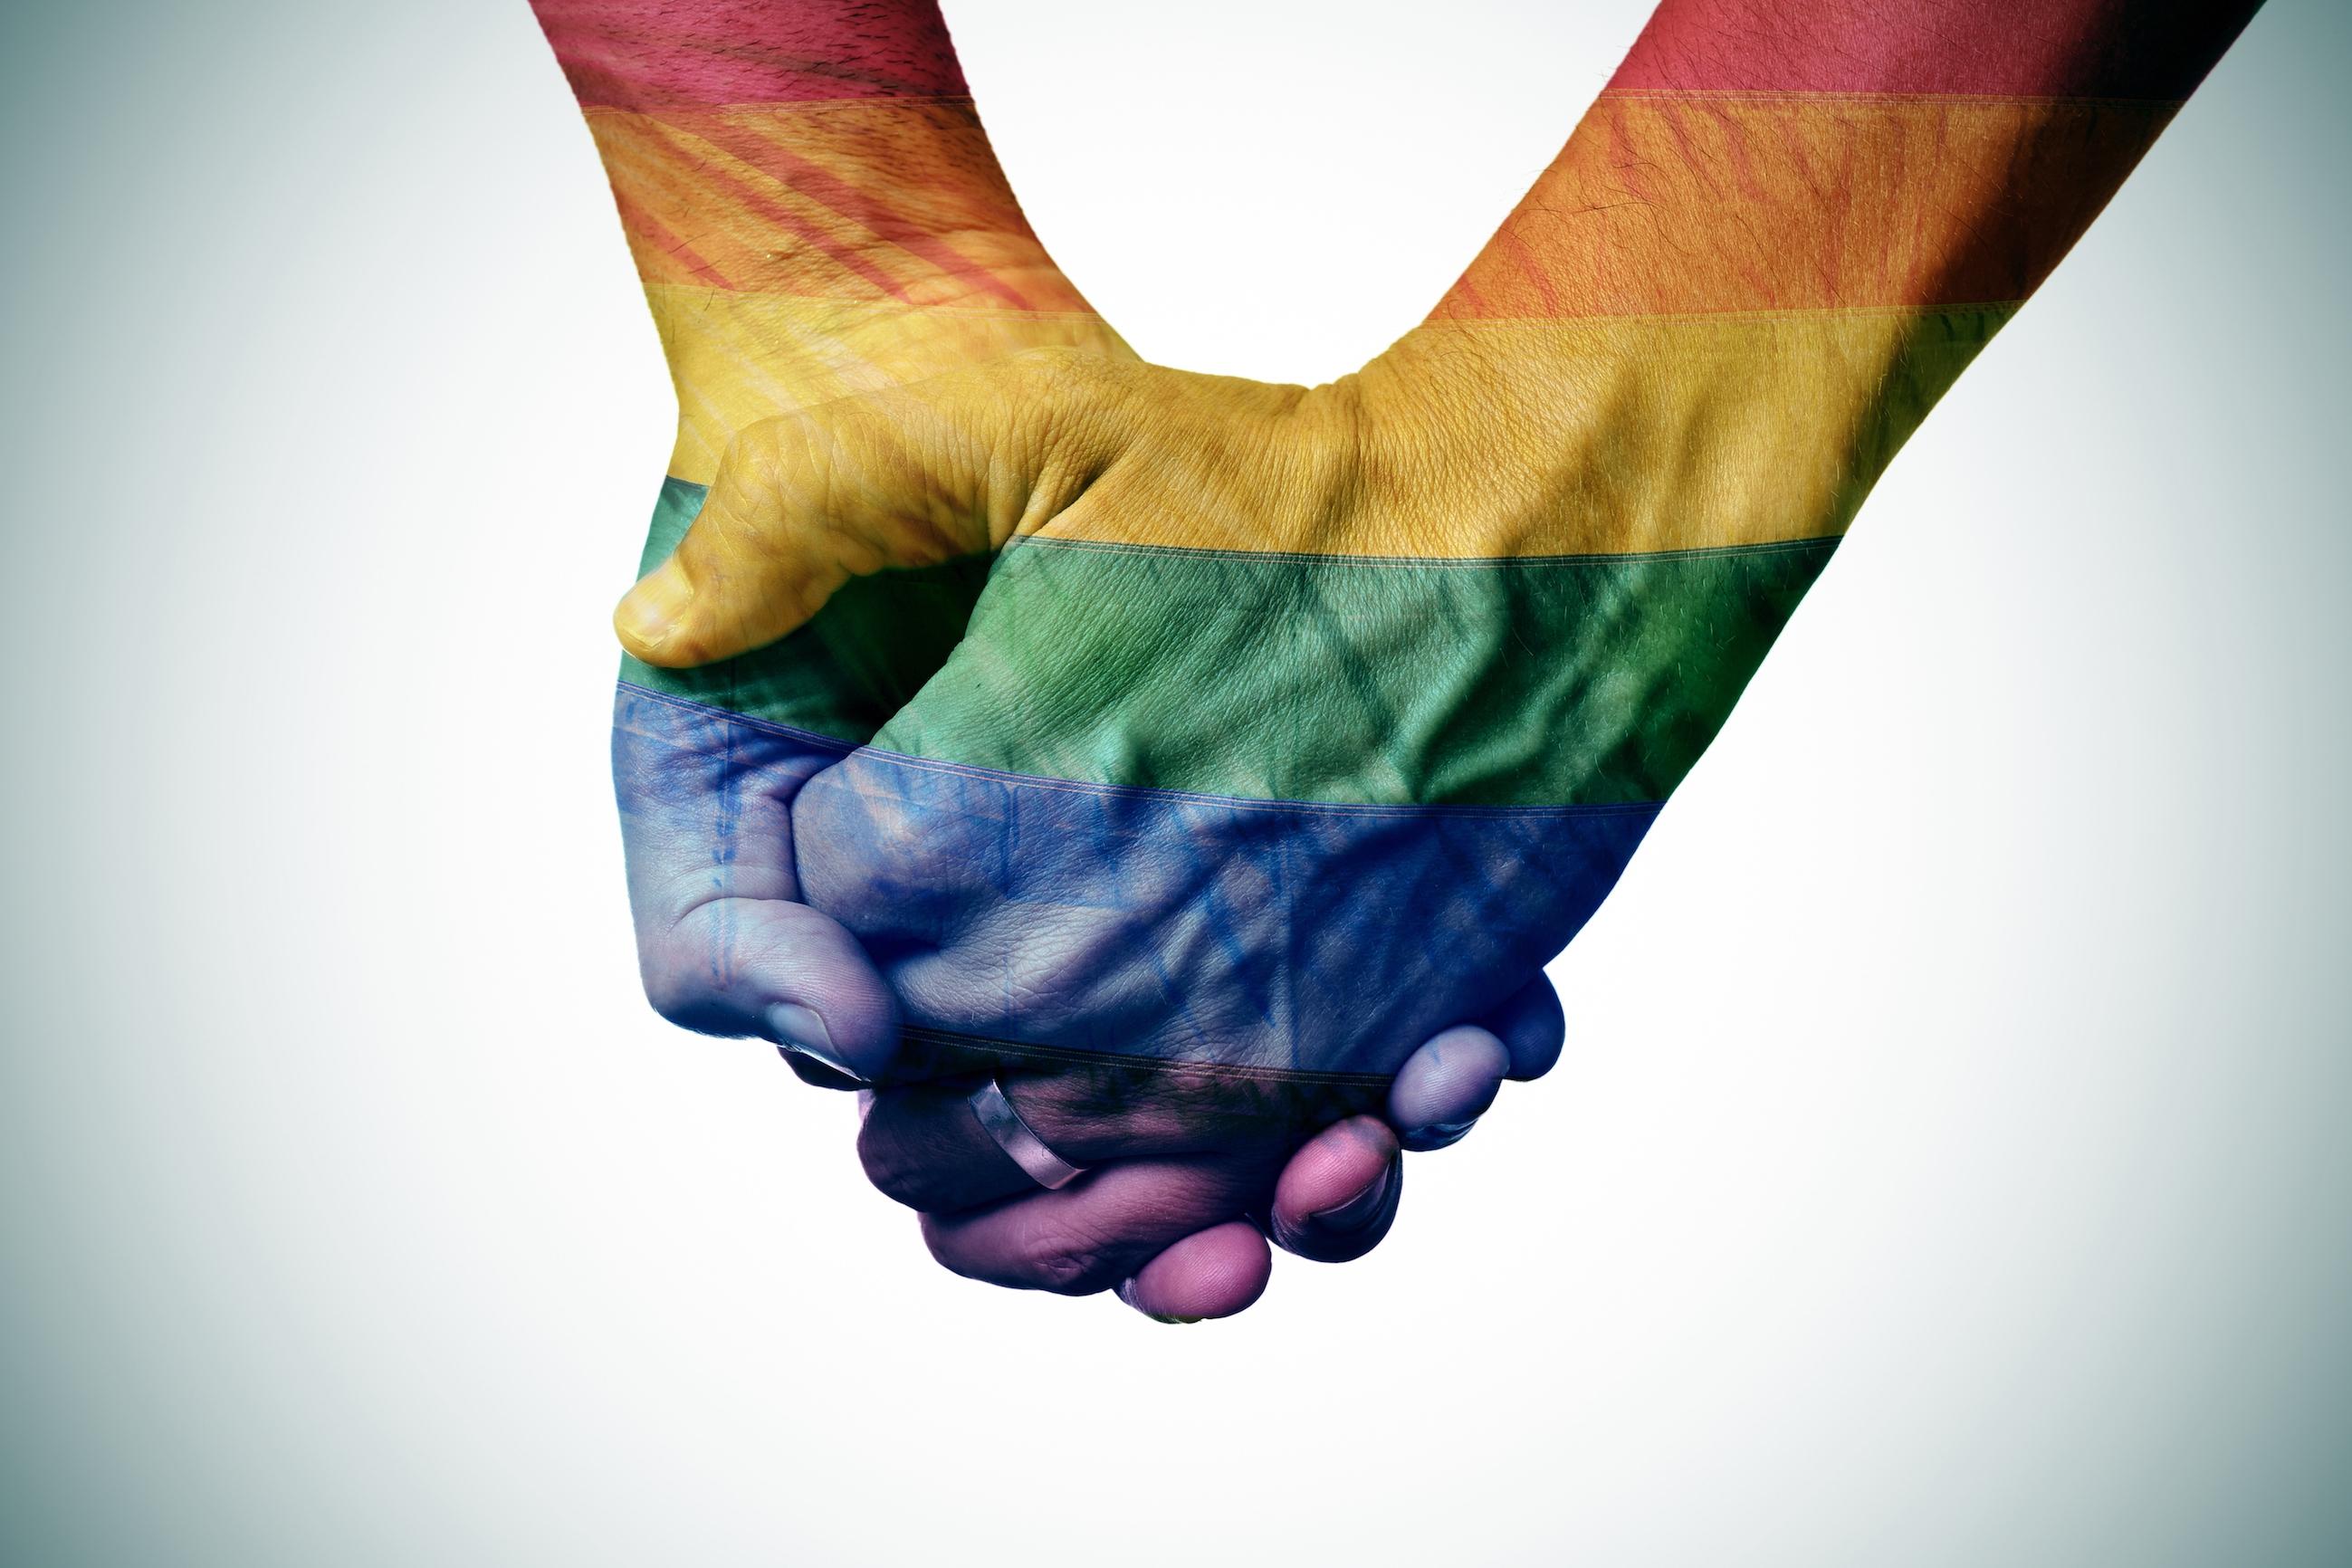 De actie van deze vrouw tegen homohaat is adembenemend mooi!